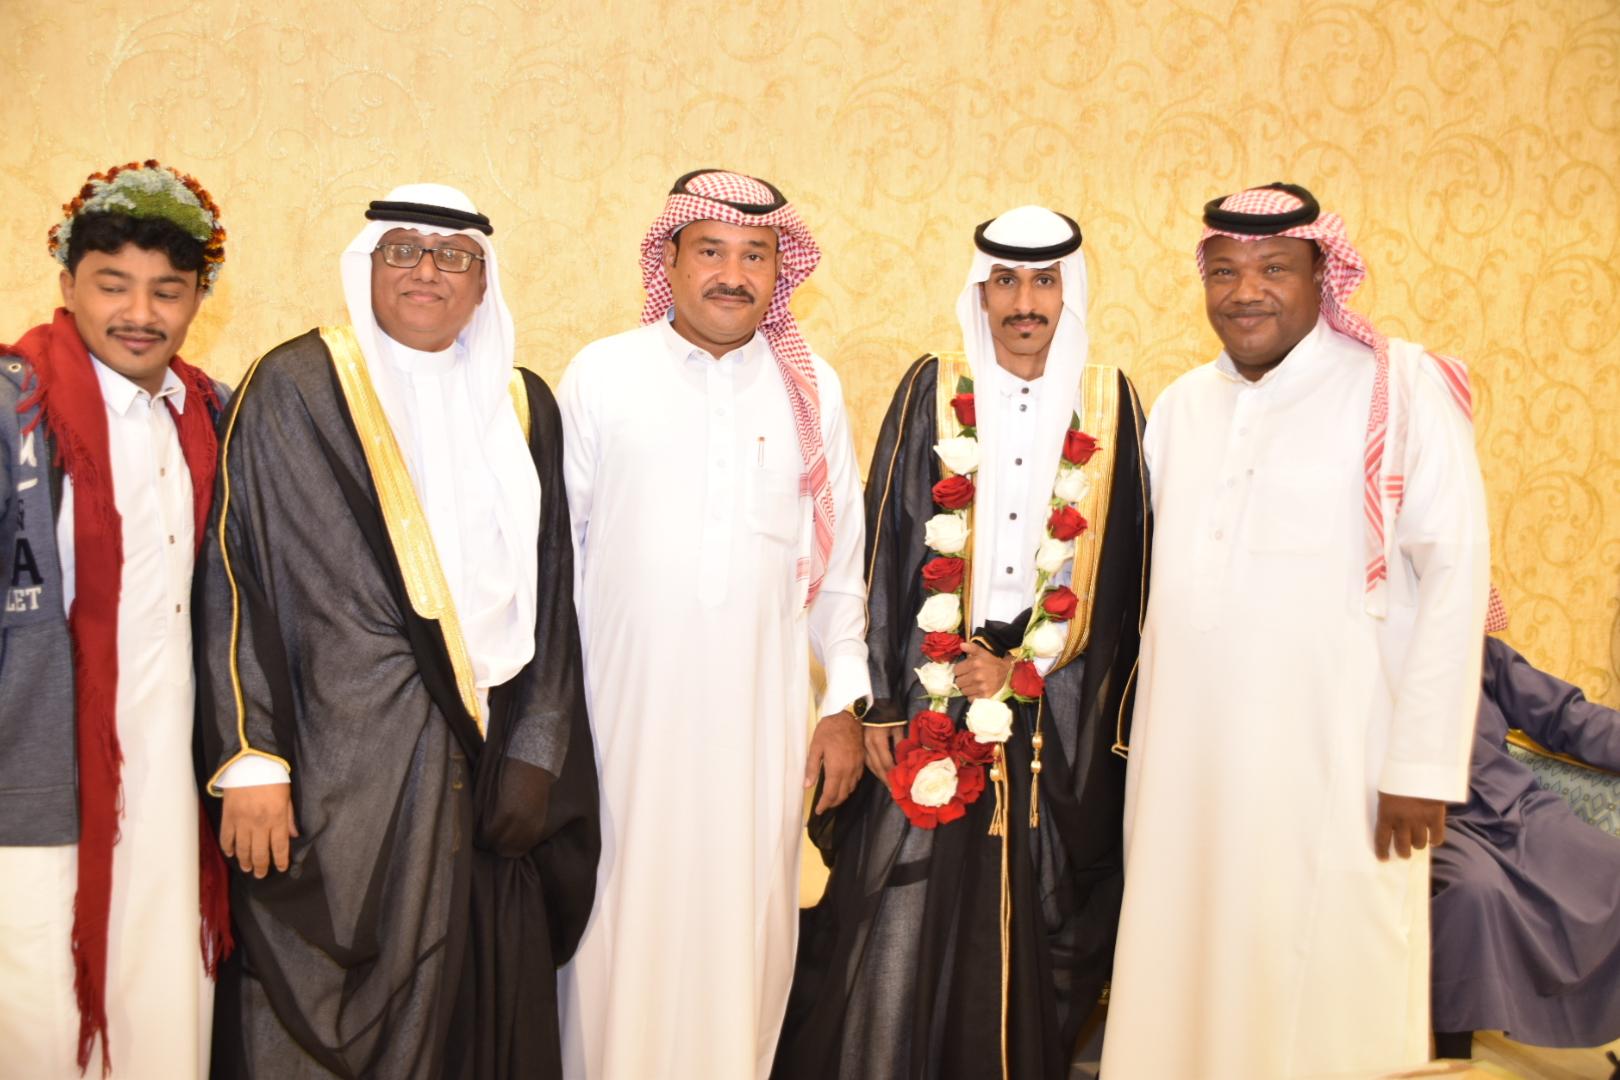 """""""آل قيسي"""" تحتفل بزواج ابنهم ماجد القيسي - المواطن"""